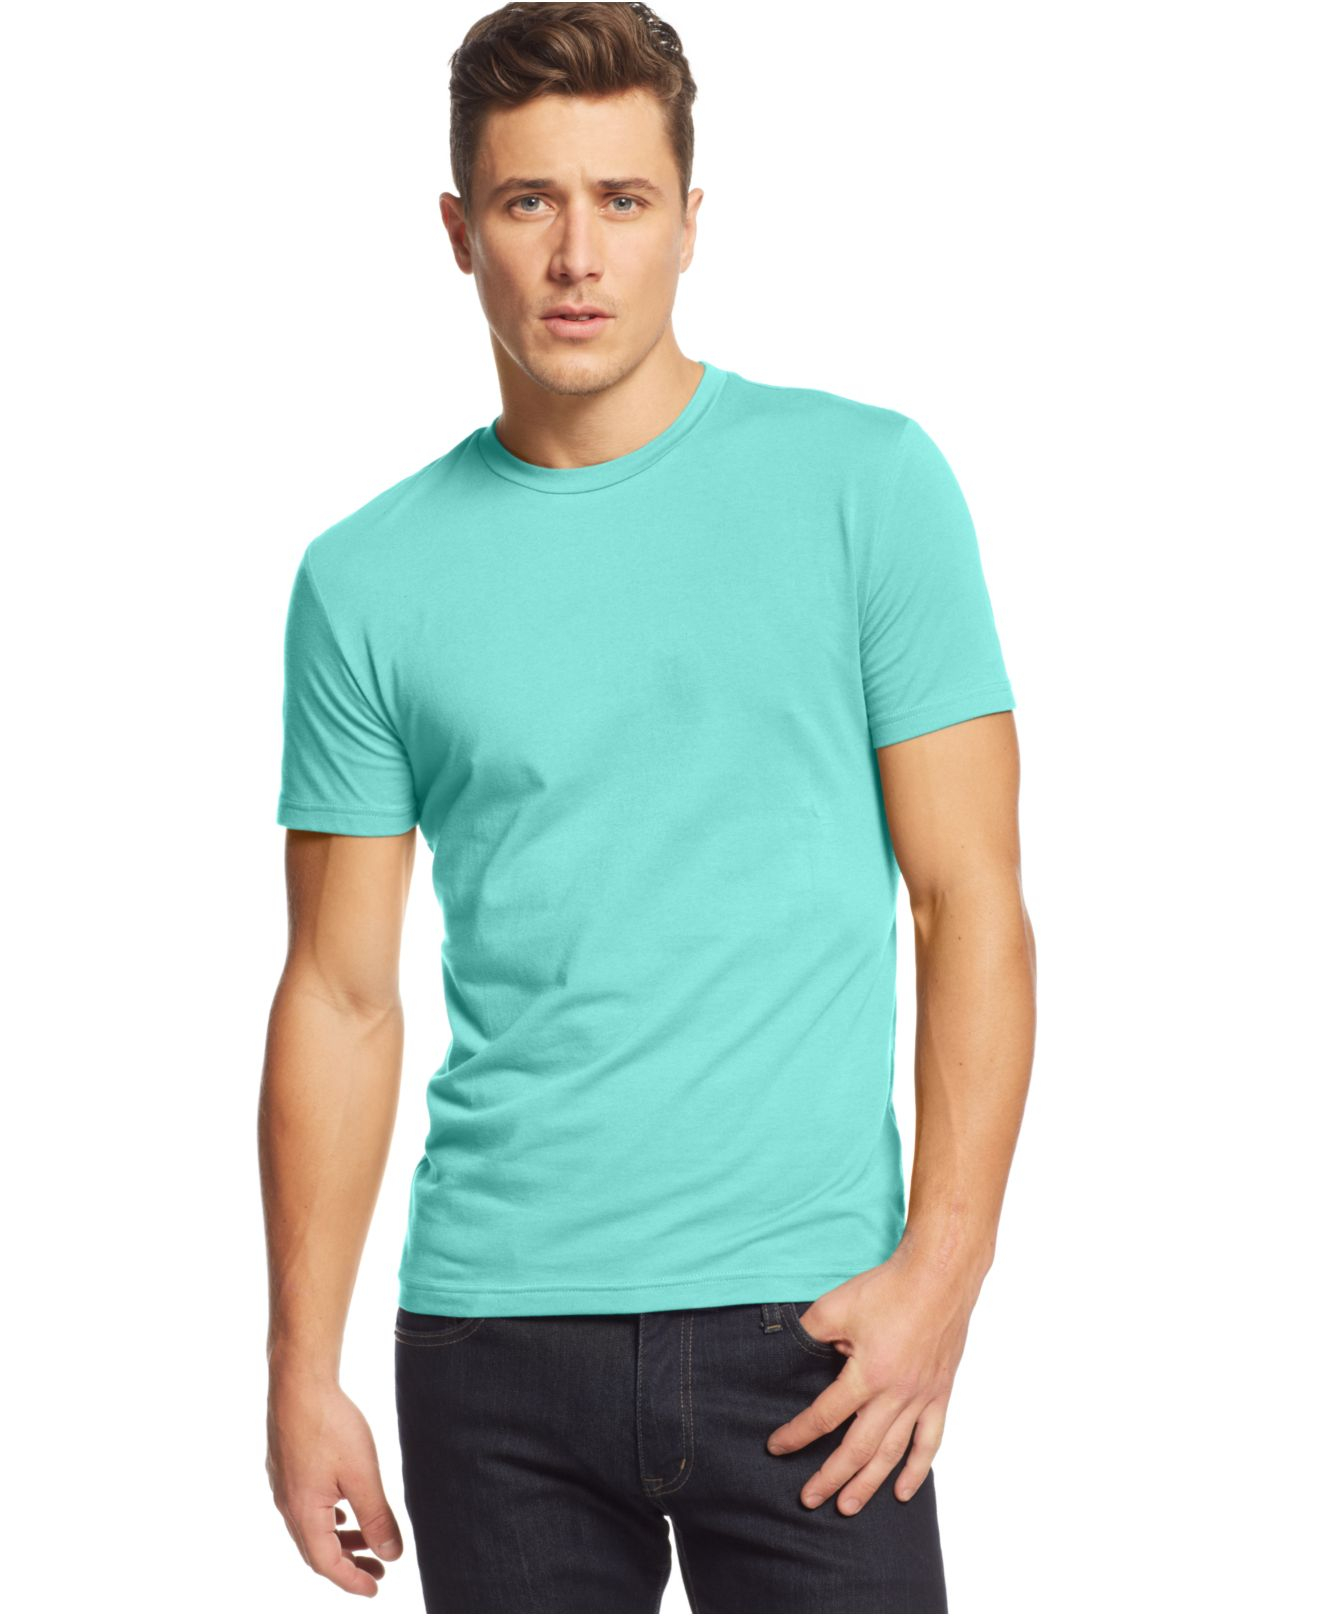 alfani slim fit crewneck t shirt in blue for men lyst. Black Bedroom Furniture Sets. Home Design Ideas